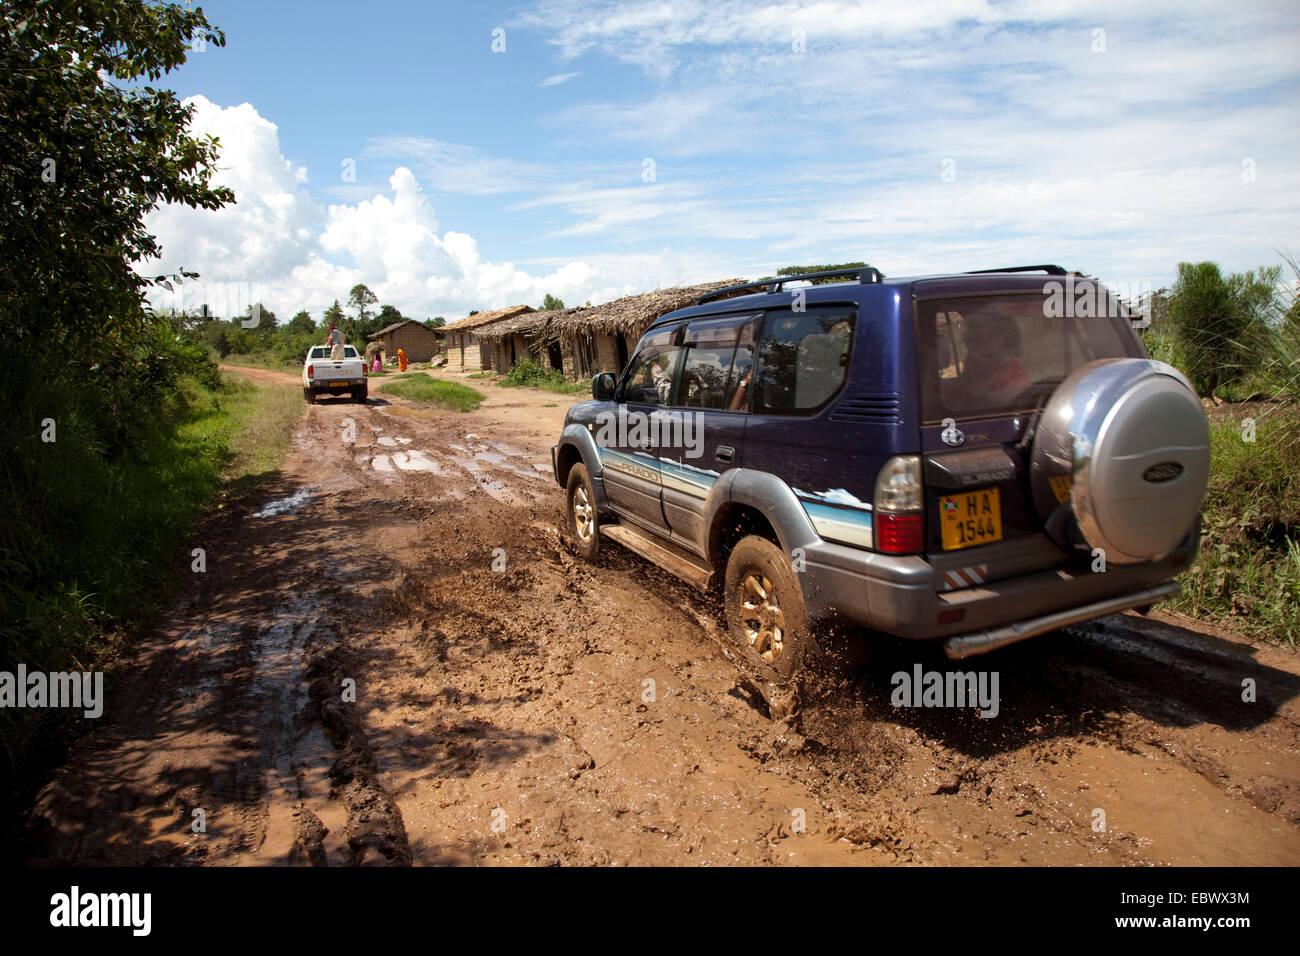 Véhicules tout-terrain de la conduite dans une fosse de boue sur le sol d'une route à travers un paysage Photo Stock